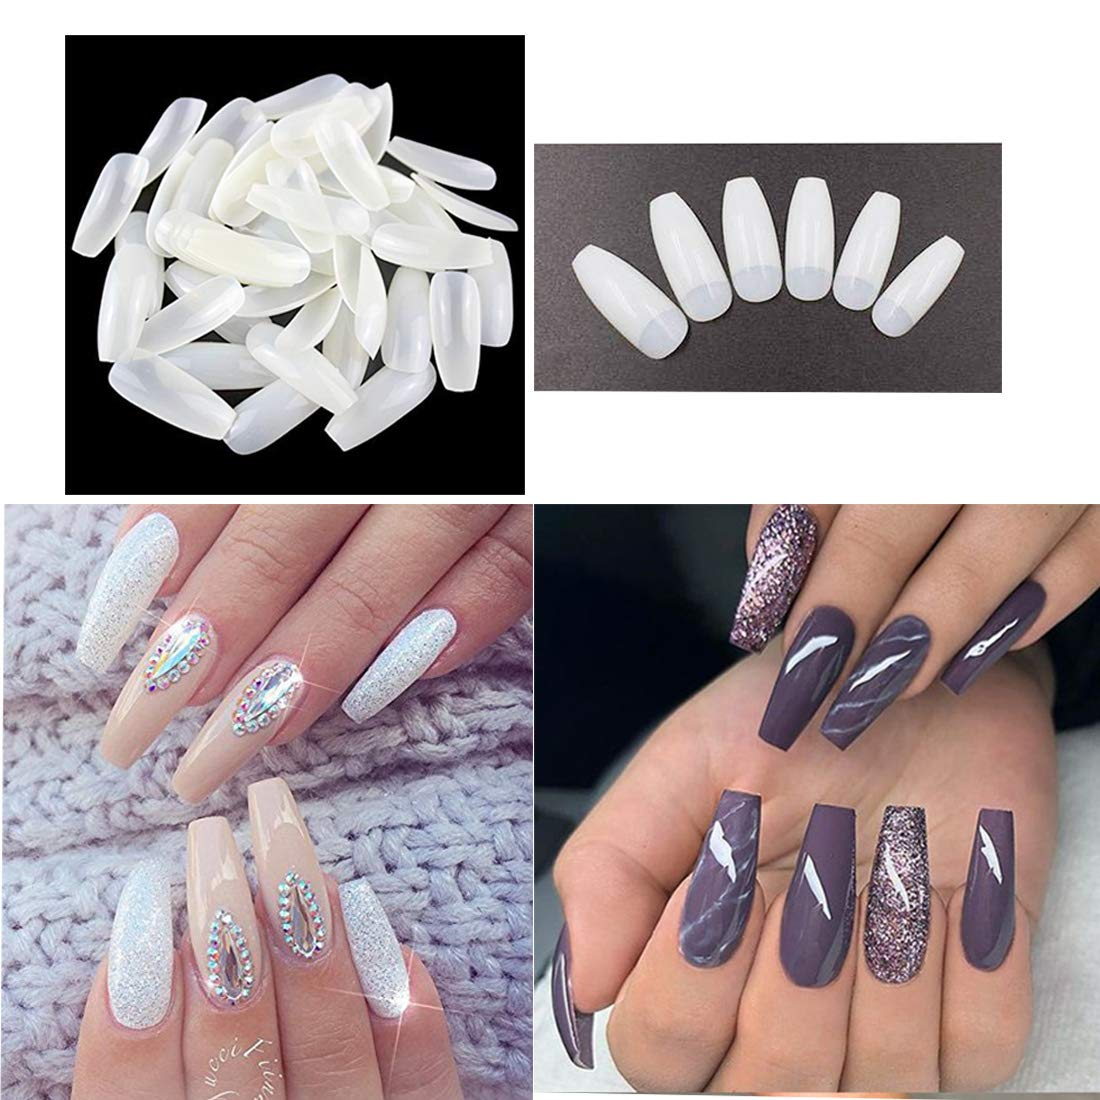 500PCS Natural Long Coffin Nails Ballerina False Nail Tips Artificial Acrylic Fake Nails for Salon and DIY Nail Art Polly Online Shop FN002-2#